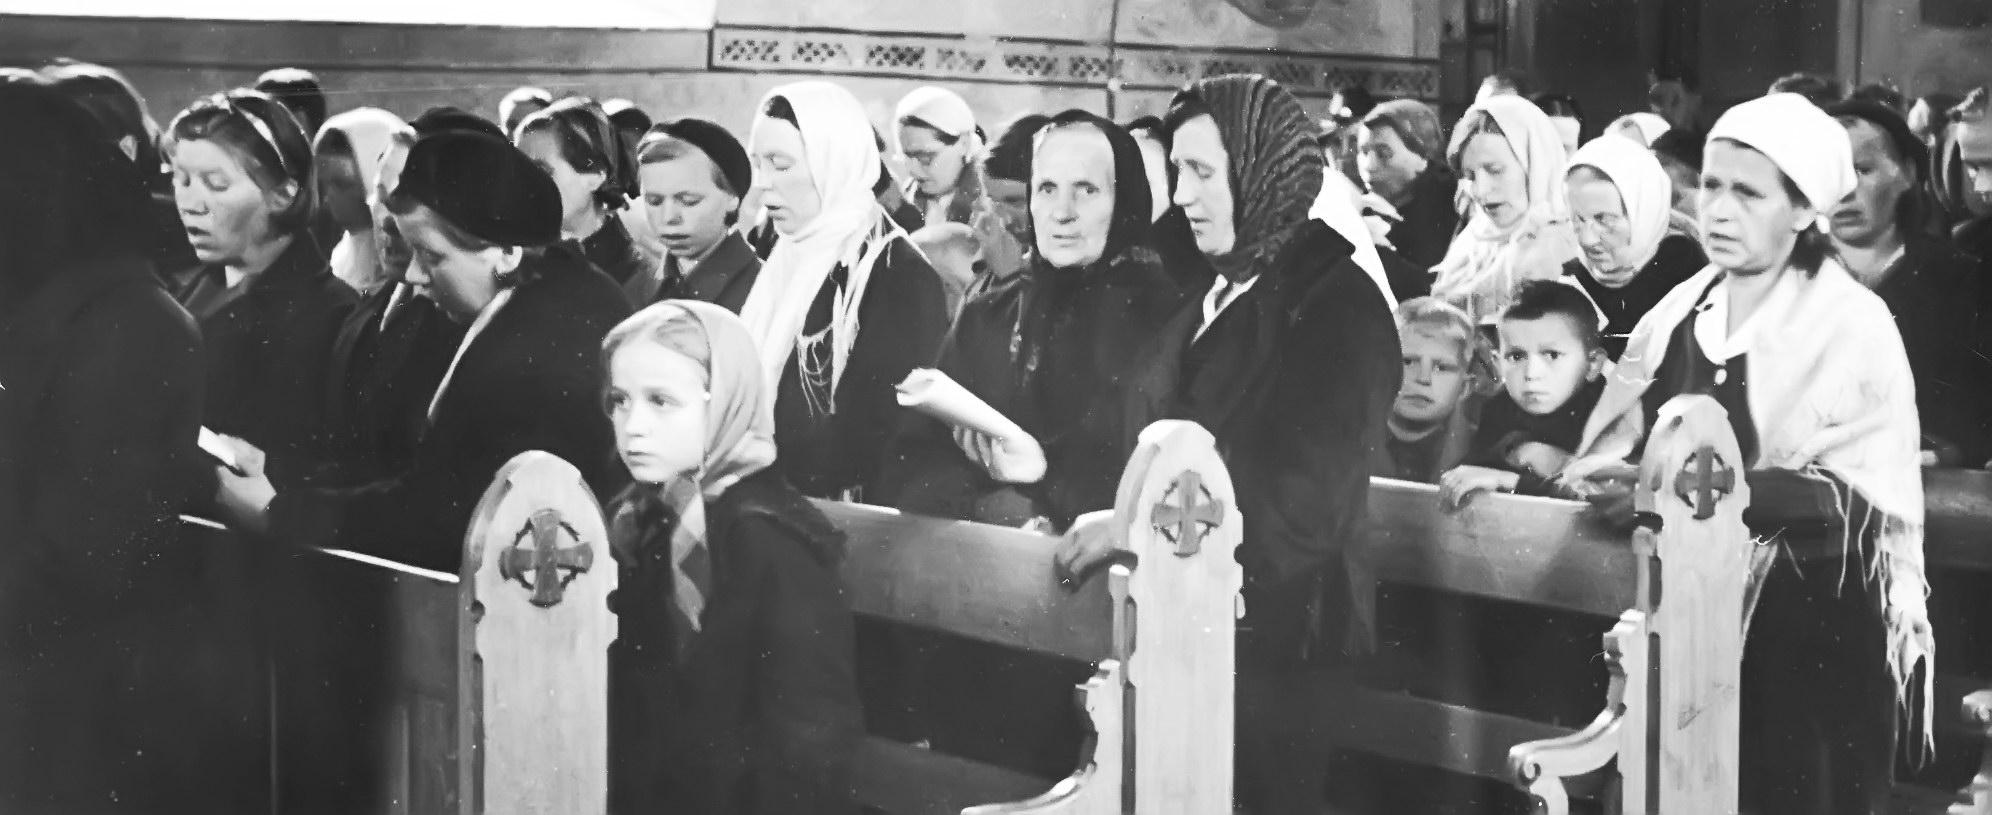 Inkeriläisiä pakolaisia Suomessa. Konfirmaatio Lohjan kirkossa 1942. Inkeriläisten sivistyssäätiön kuvakokoelma, kuva 600. CC BY 4.0